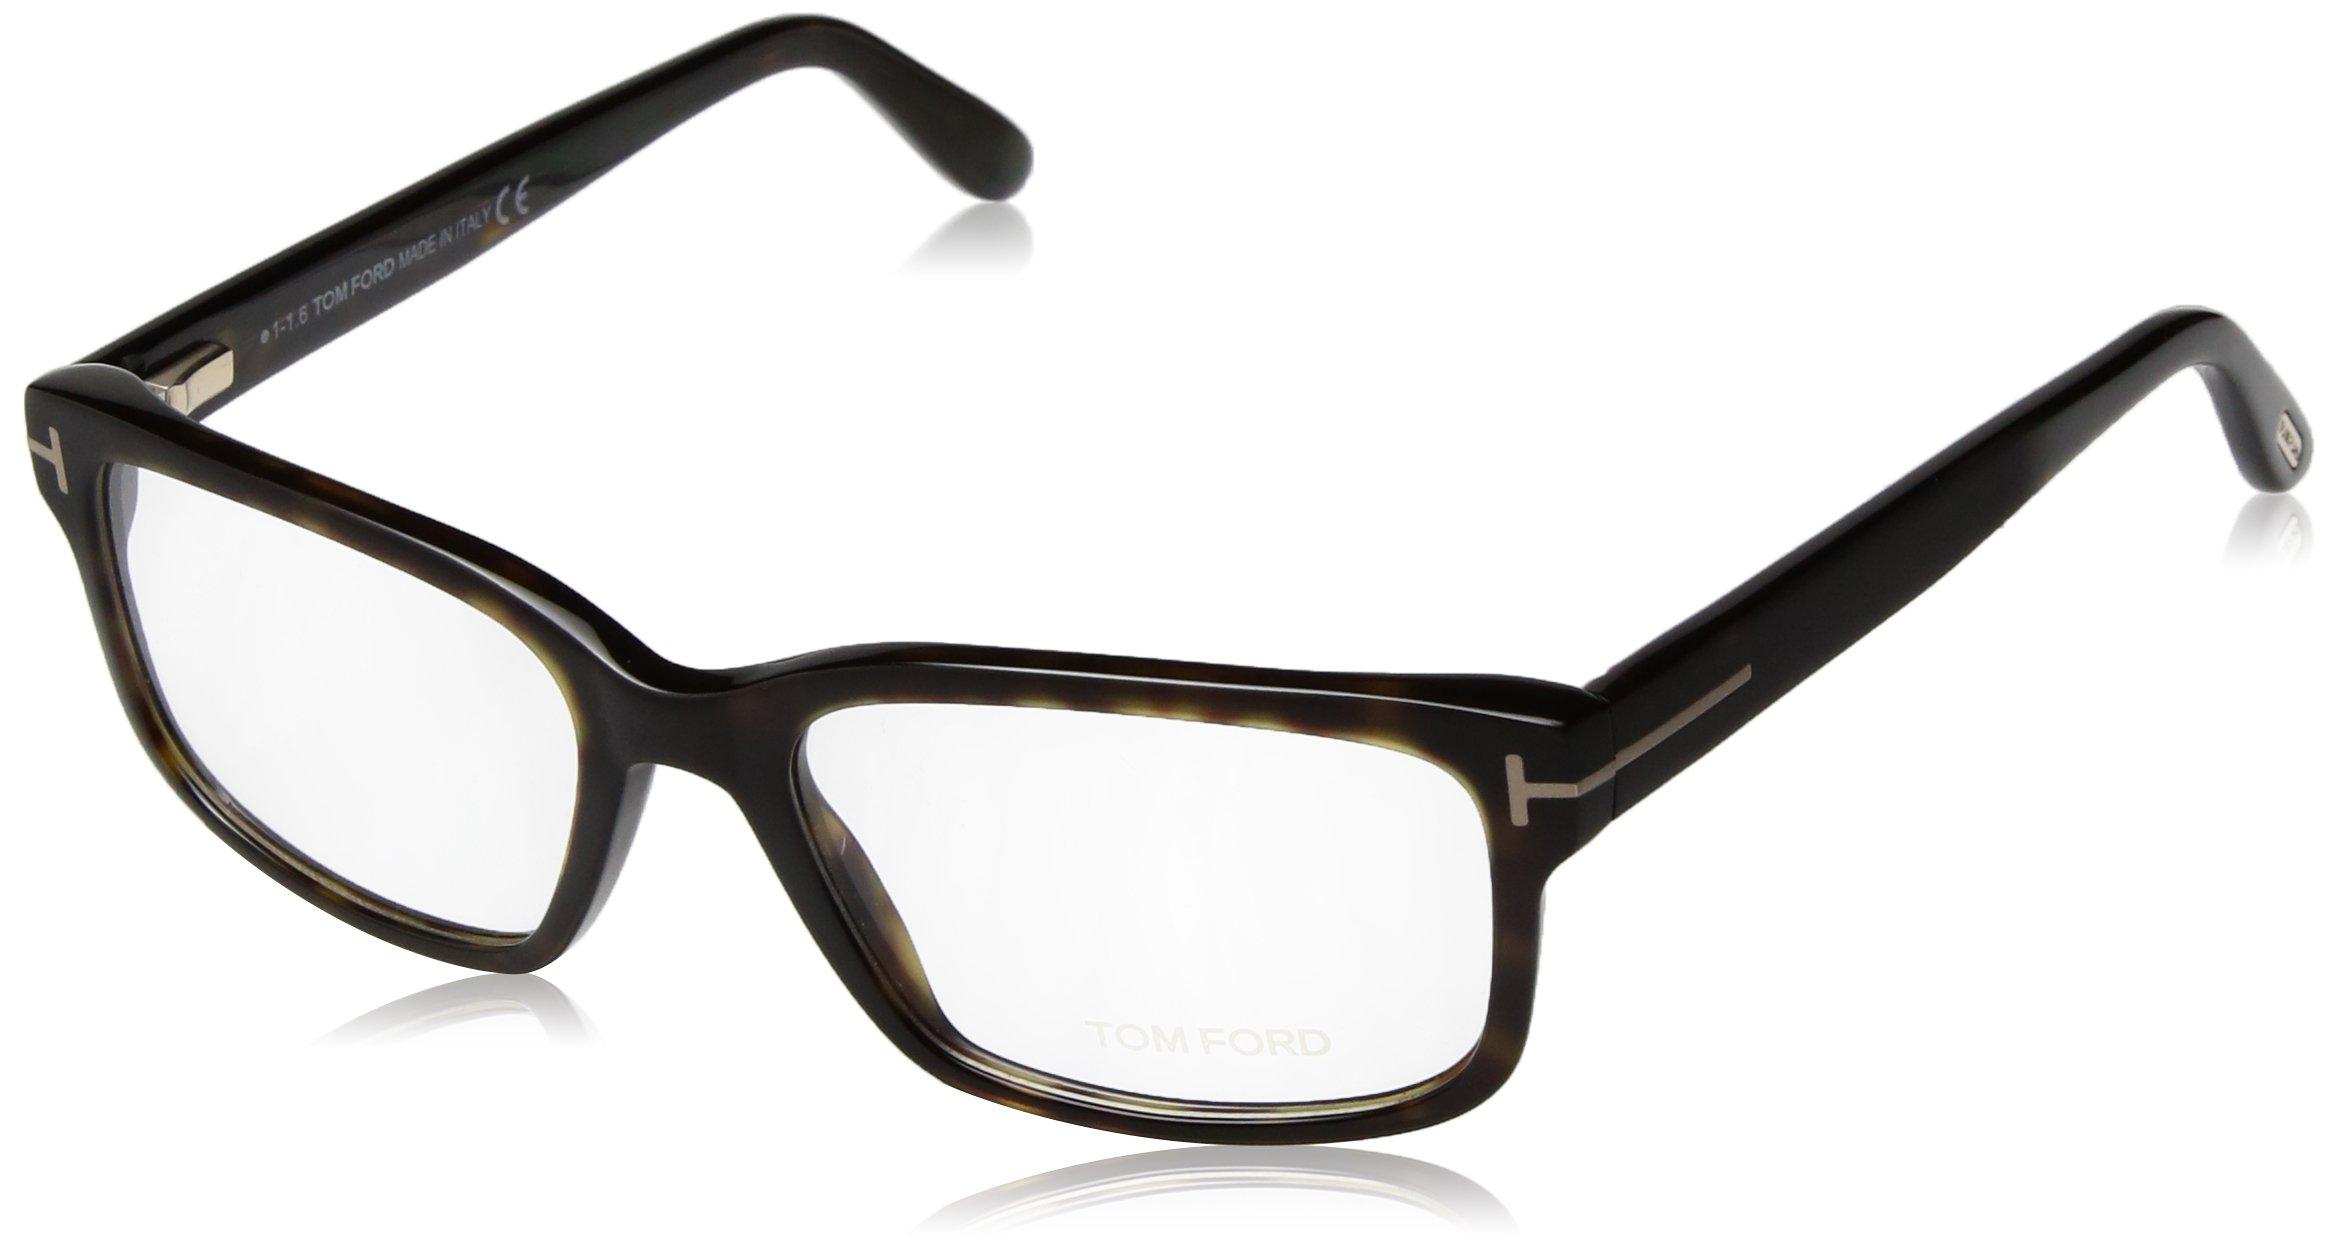 Tom Ford FT5313 Eyeglasses-052 Dark Havana-55mm by Tom Ford